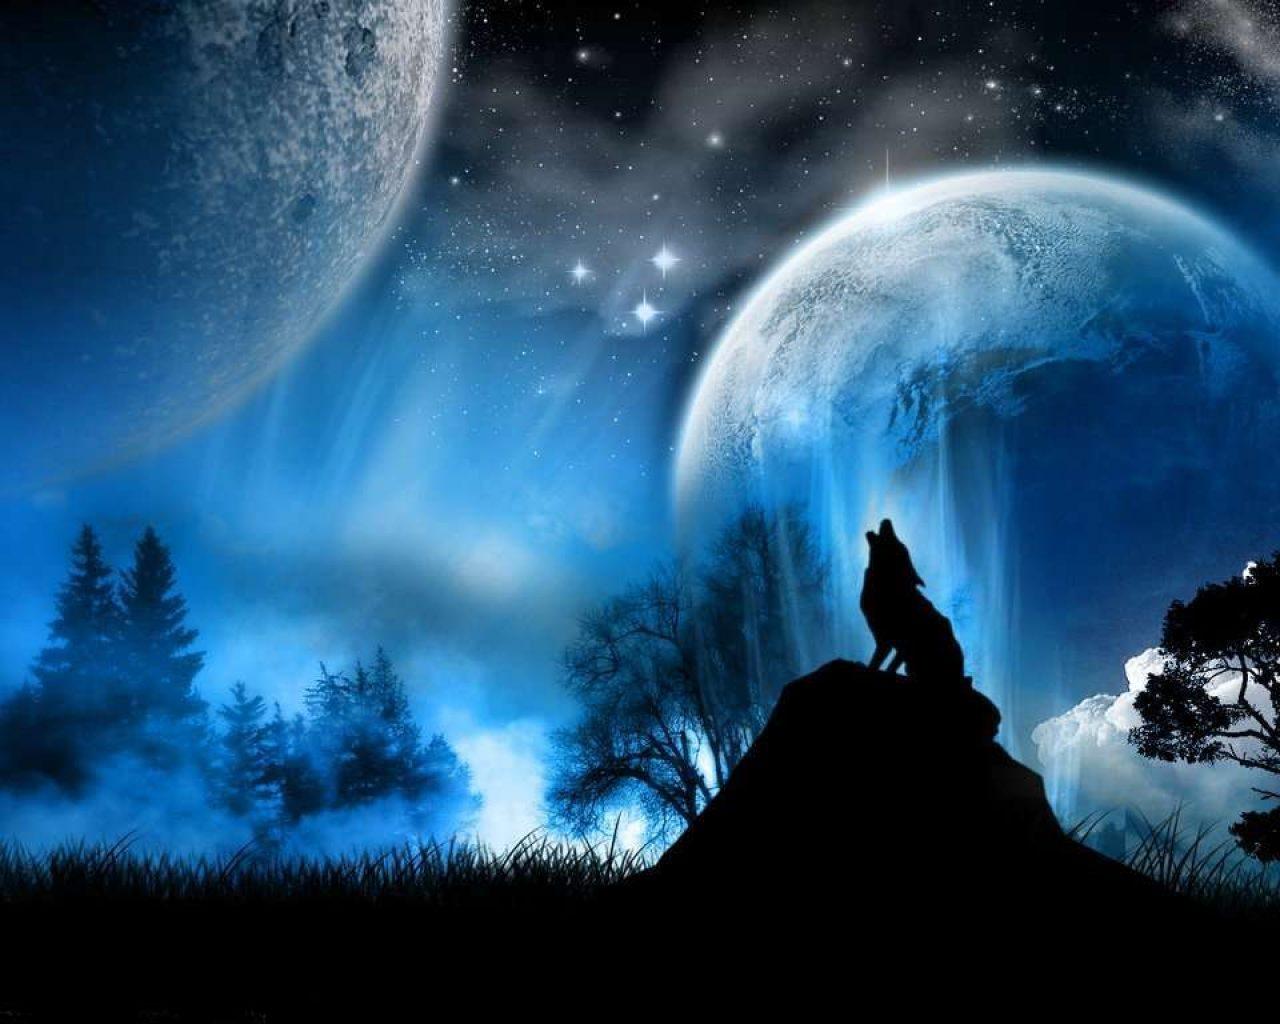 Dibujo 3d de lobos 1280x1024 fondos de pantalla y for Imagenes para fondo de escritorio 3d